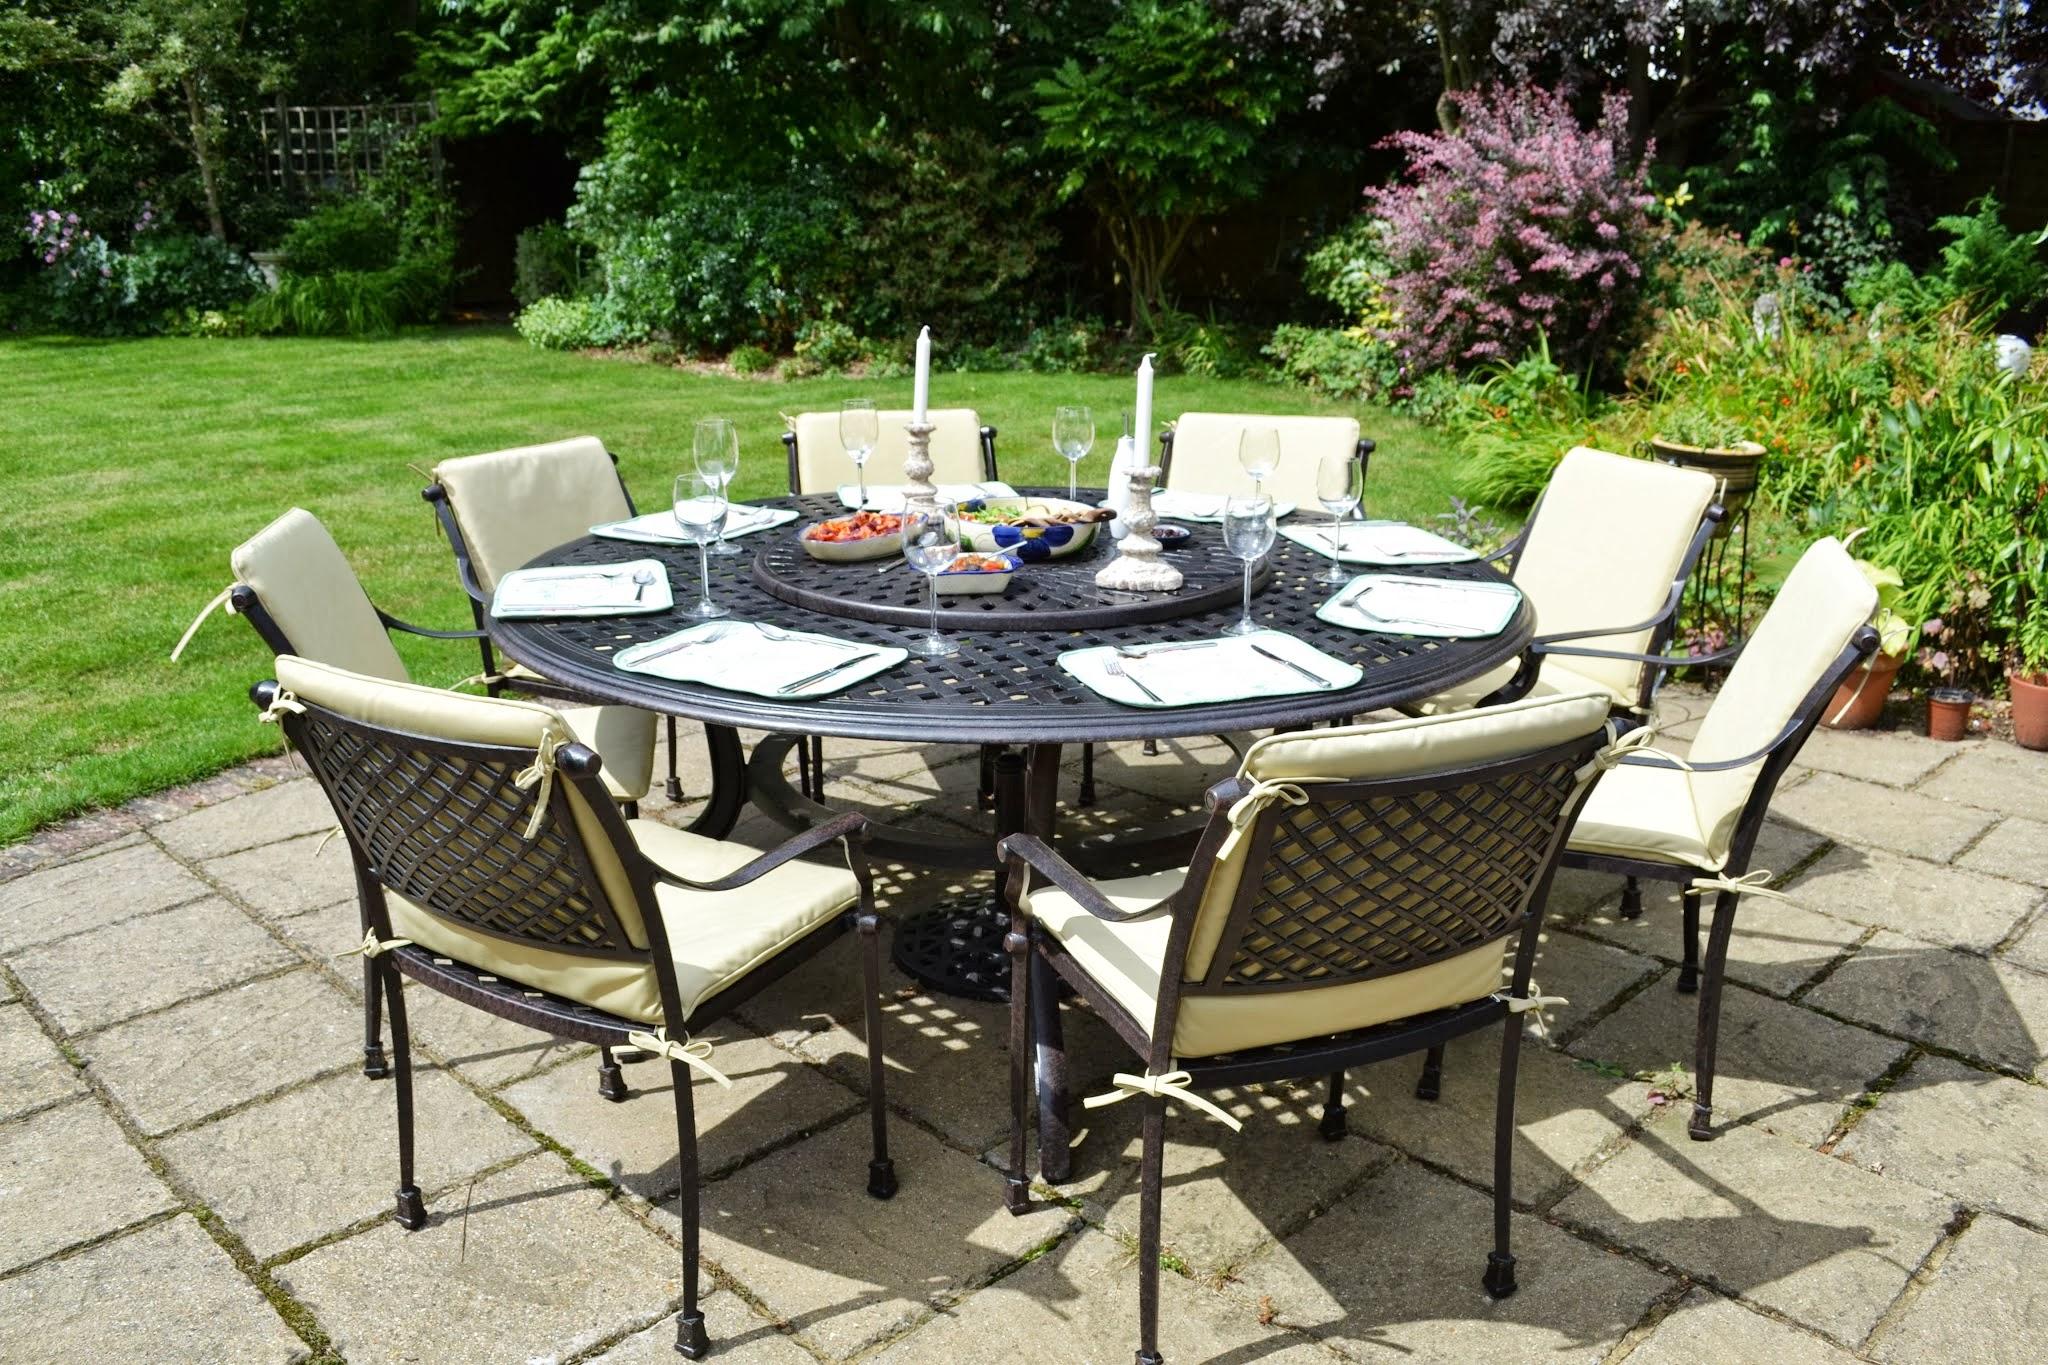 Jardin Table Jardin Tati De Table Tati De R54Laj destiné Table Jardin Ronde Pas Cher